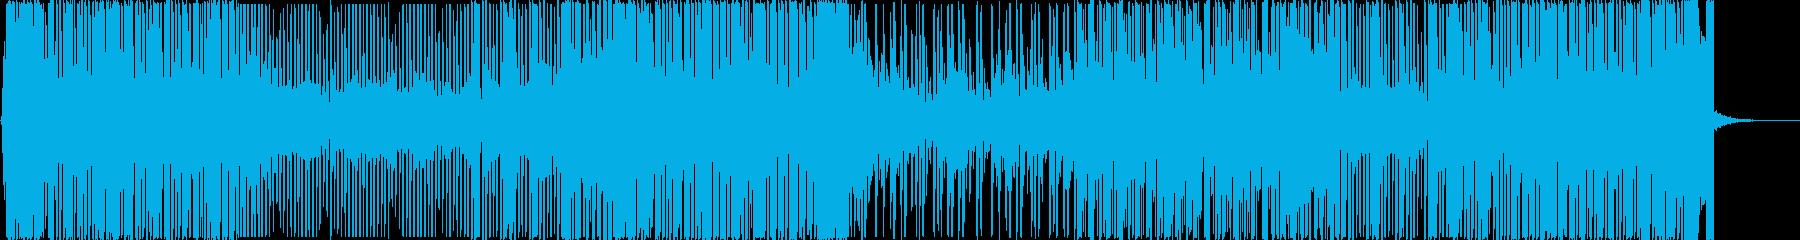 緊迫した状況の駆け引きに最適な音楽の再生済みの波形